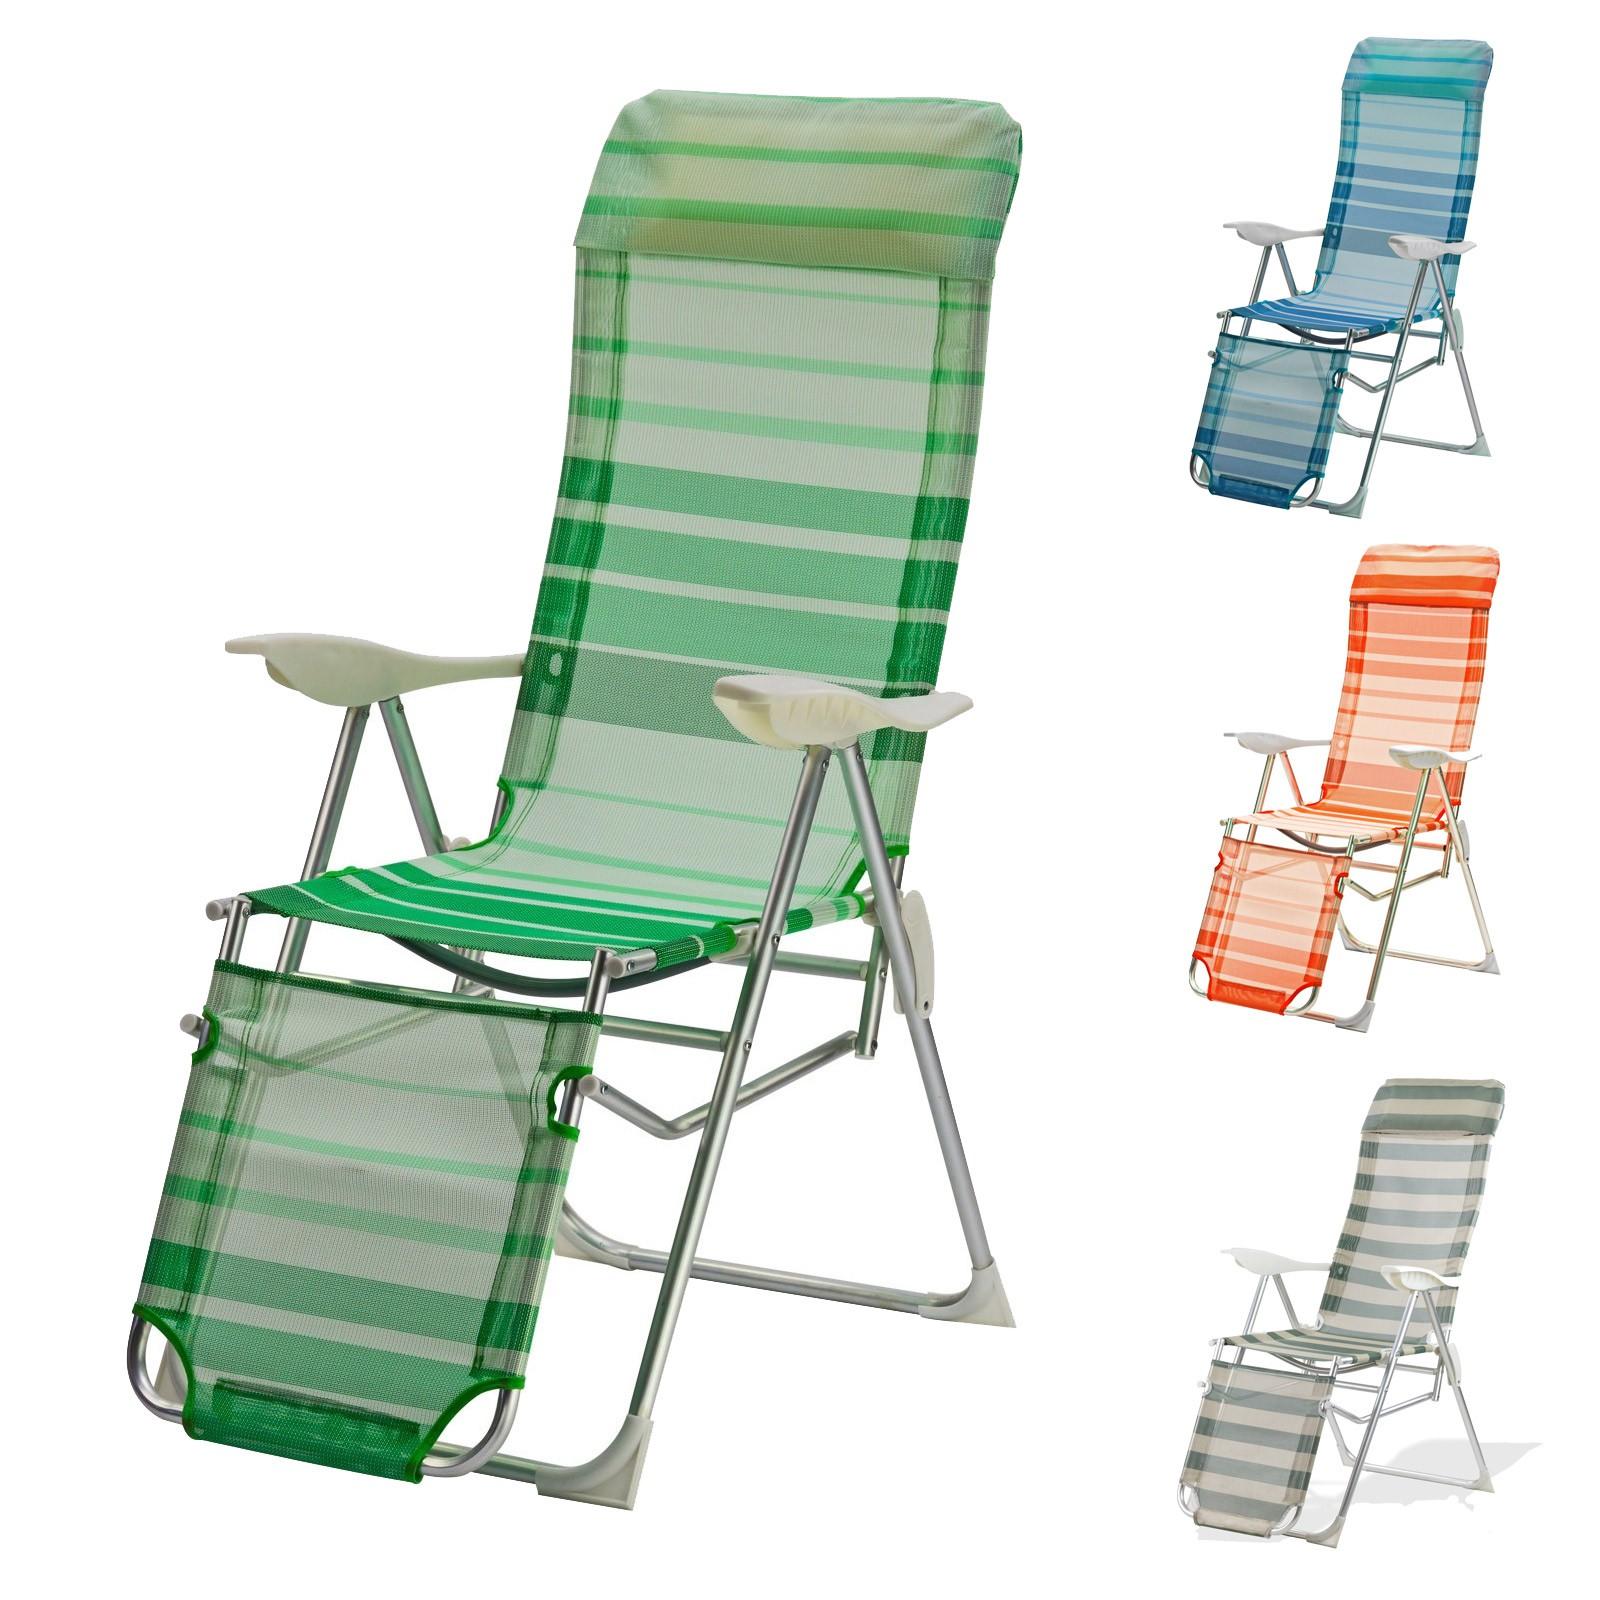 Alu-Campingsessel---Garten-Liegestuhl-Sunnyvale-_1 Impressionnant De Amazon Parasol Des Idées